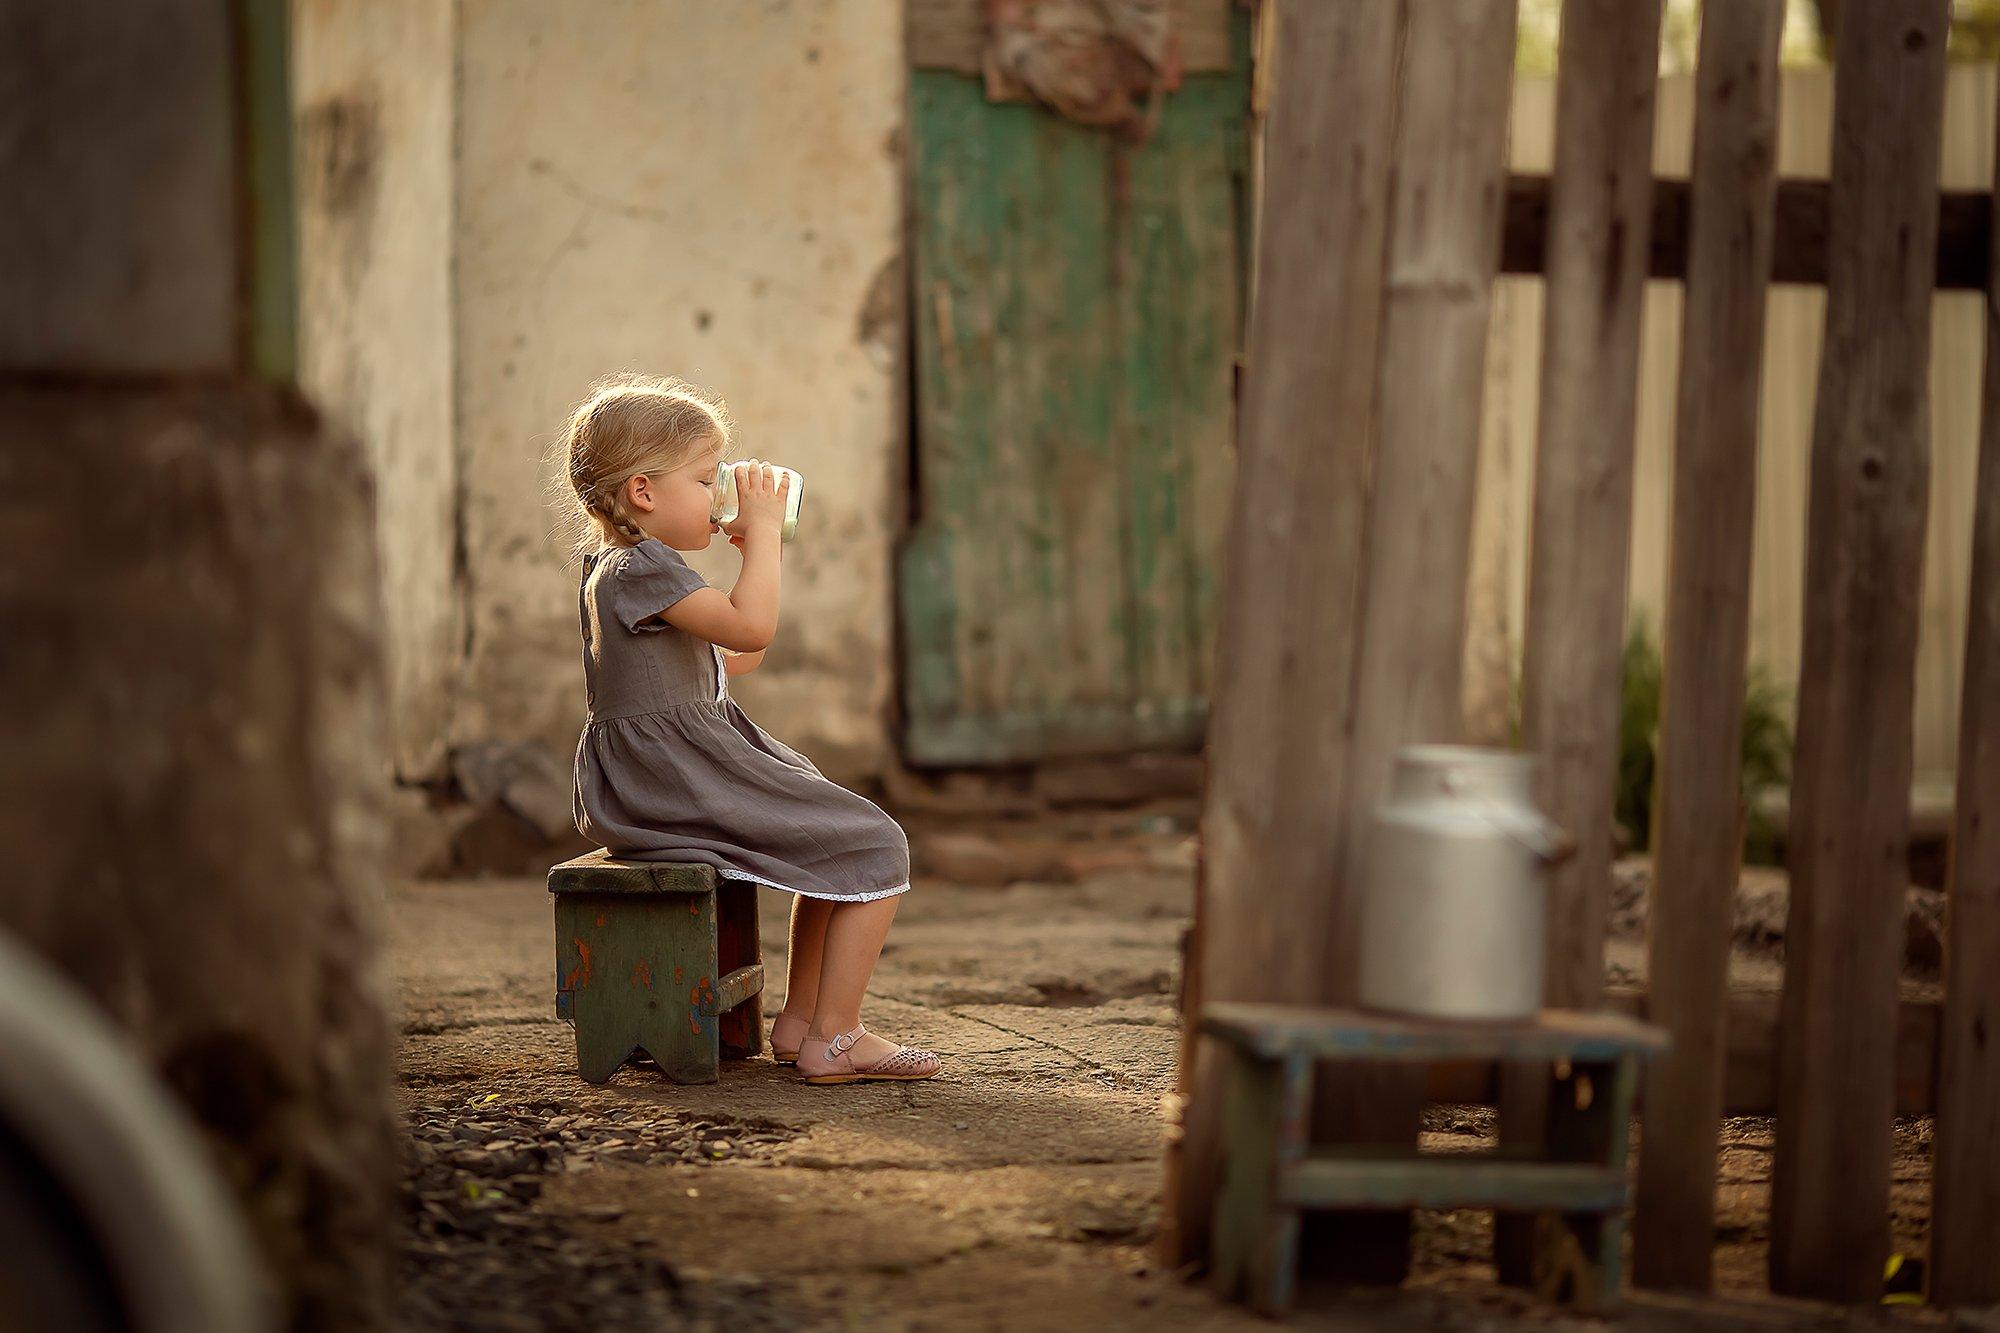 молоко девочка деревня бидон, Екатерина Белоножкина